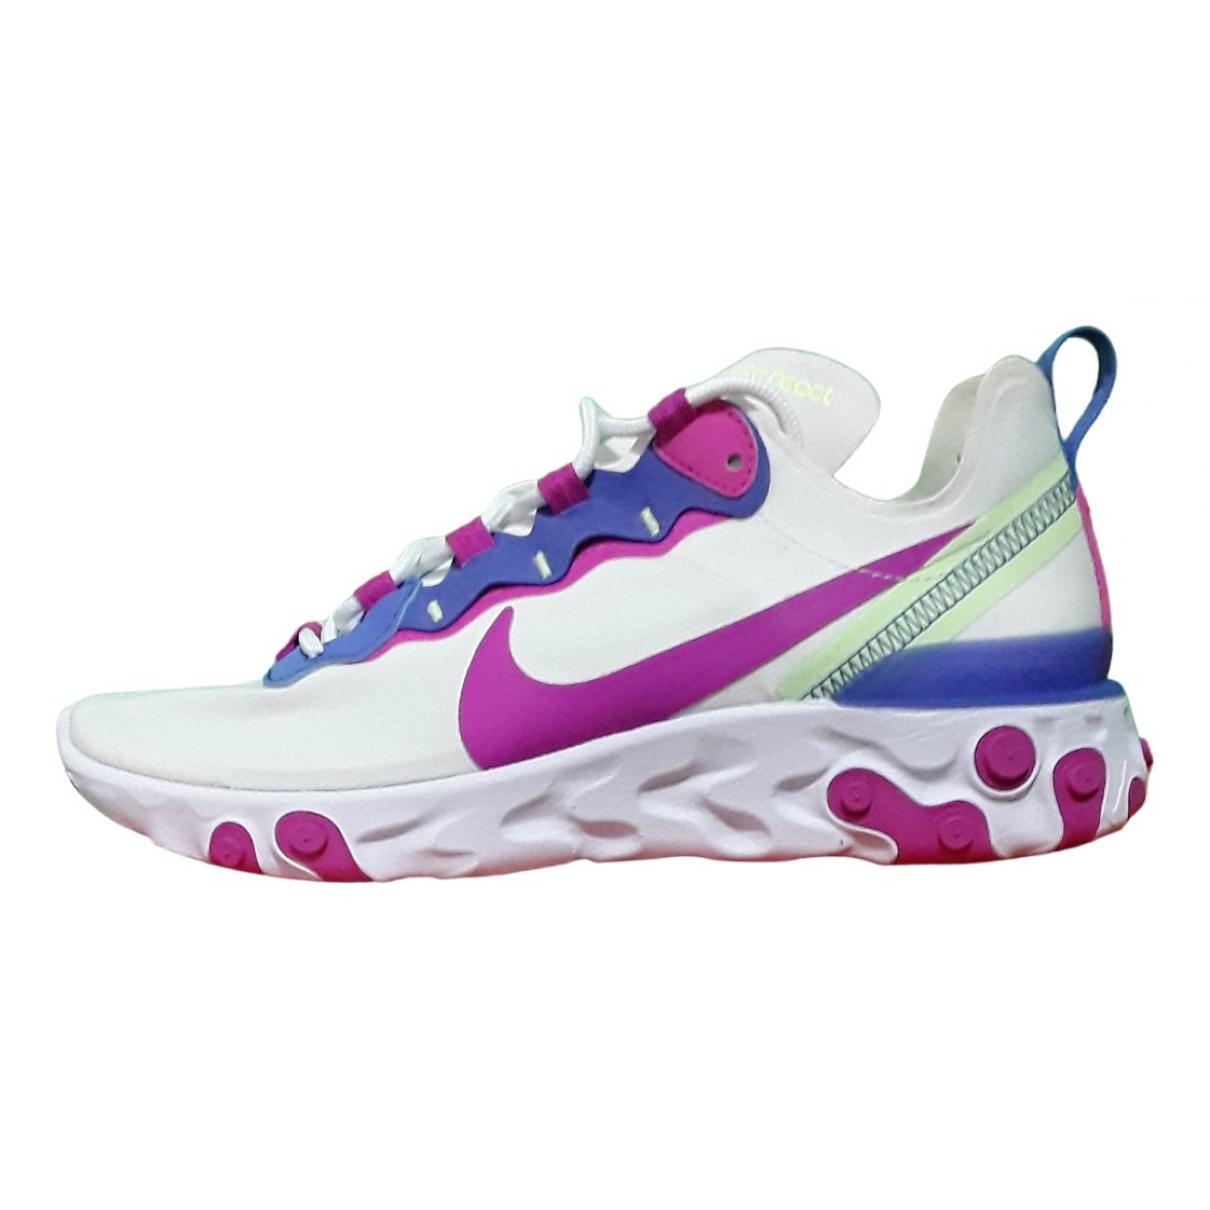 Nike - Baskets React element 55 pour femme en toile - blanc